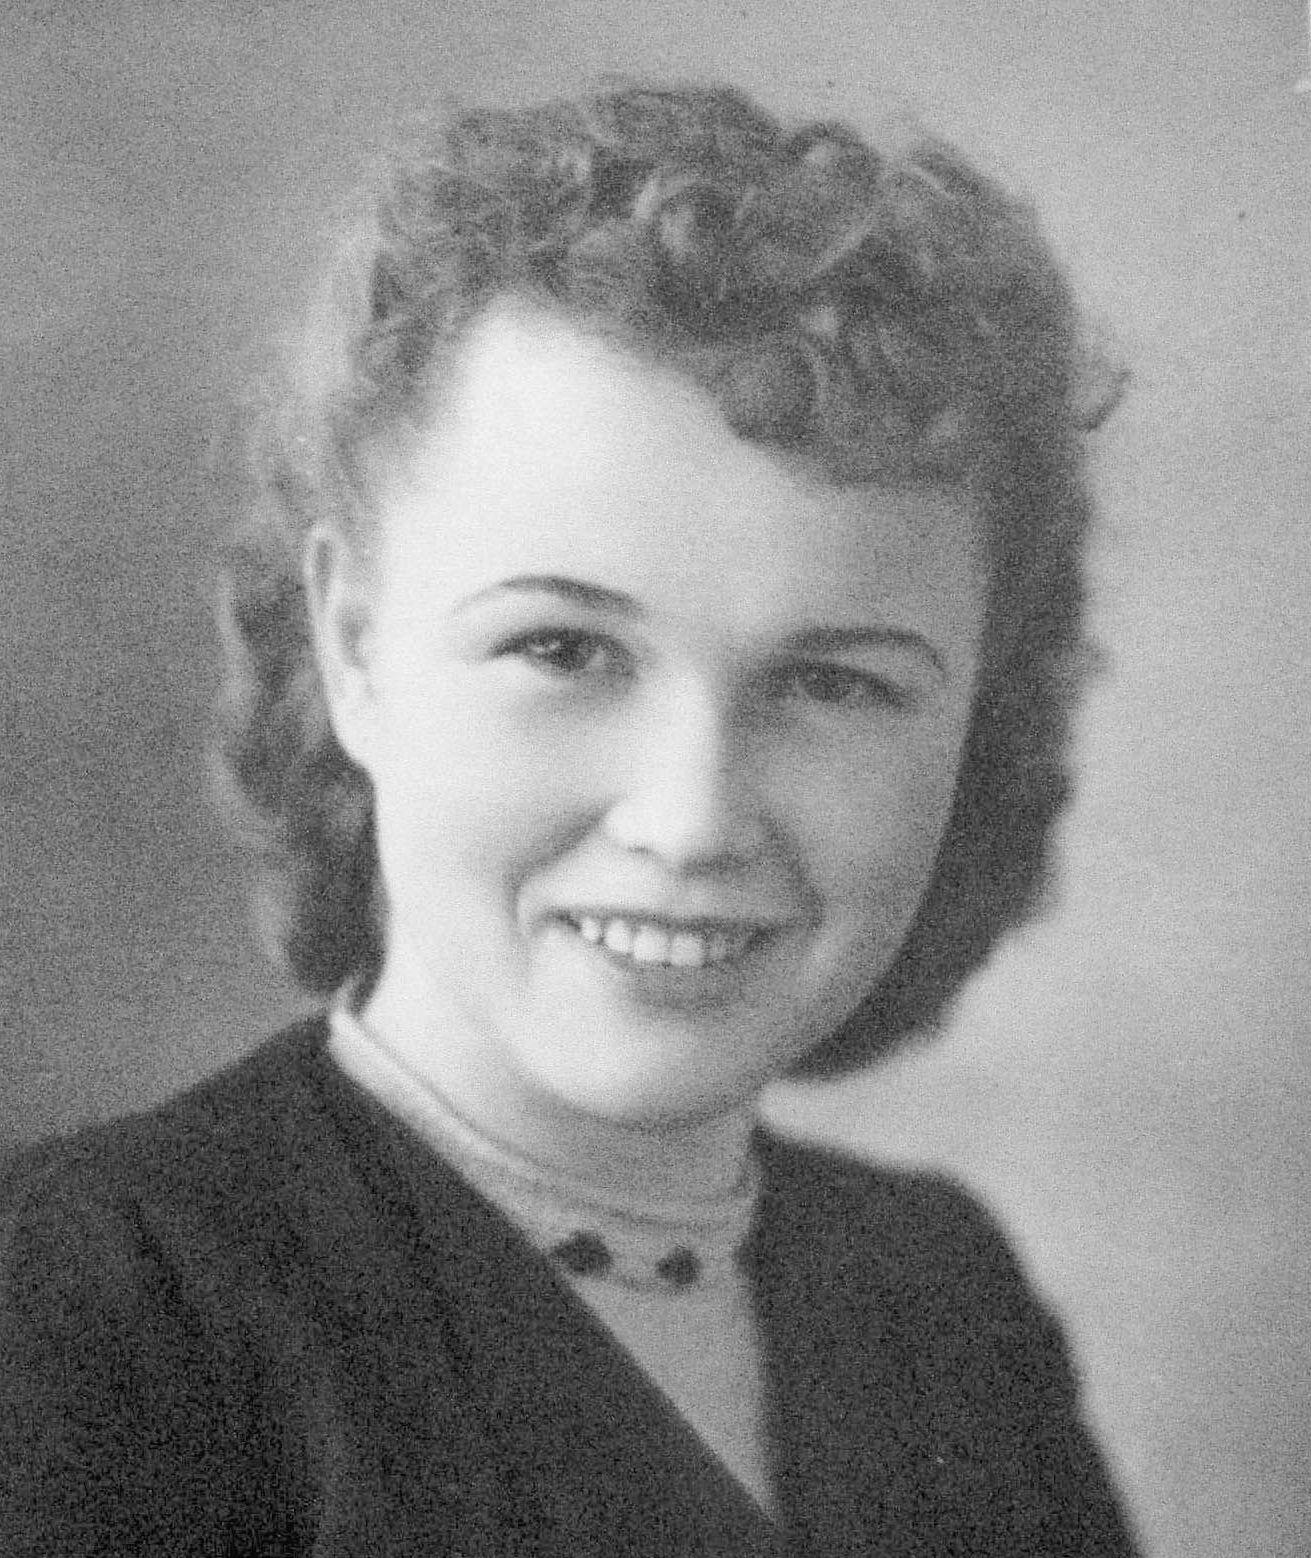 Воронцова В.В., 1950 год